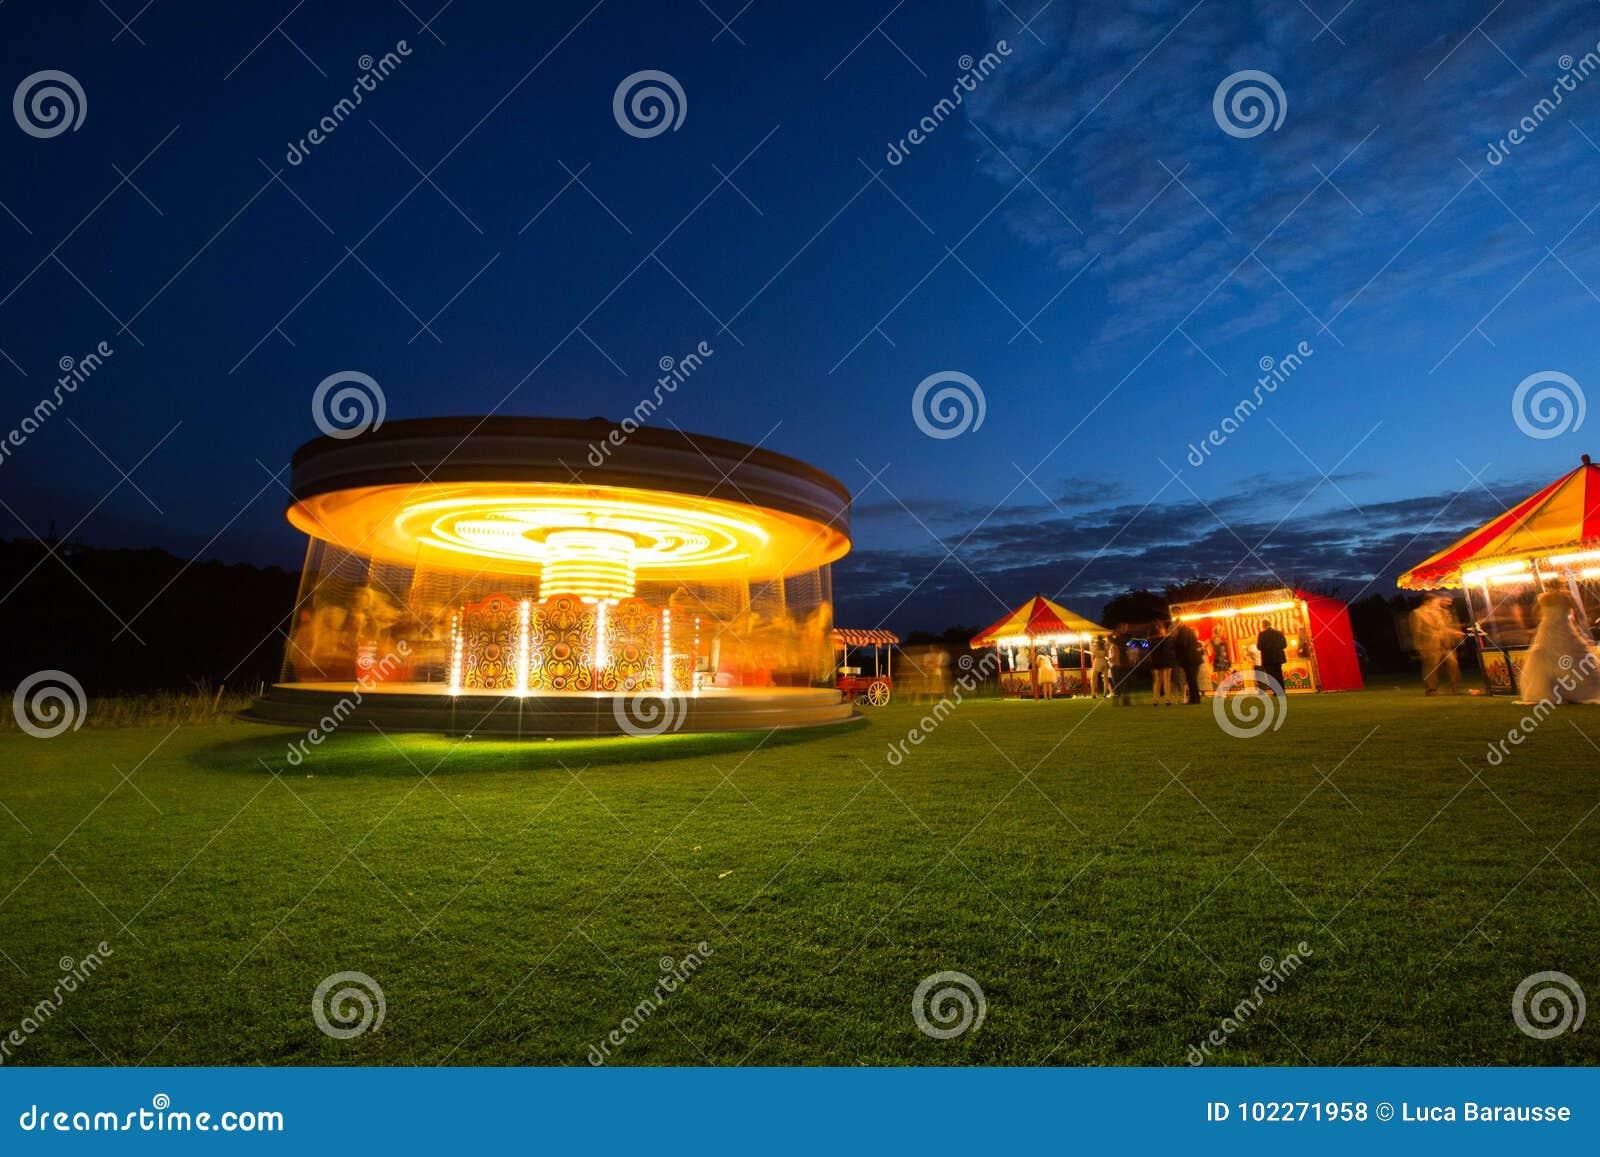 Karussell nachts mit Funfair